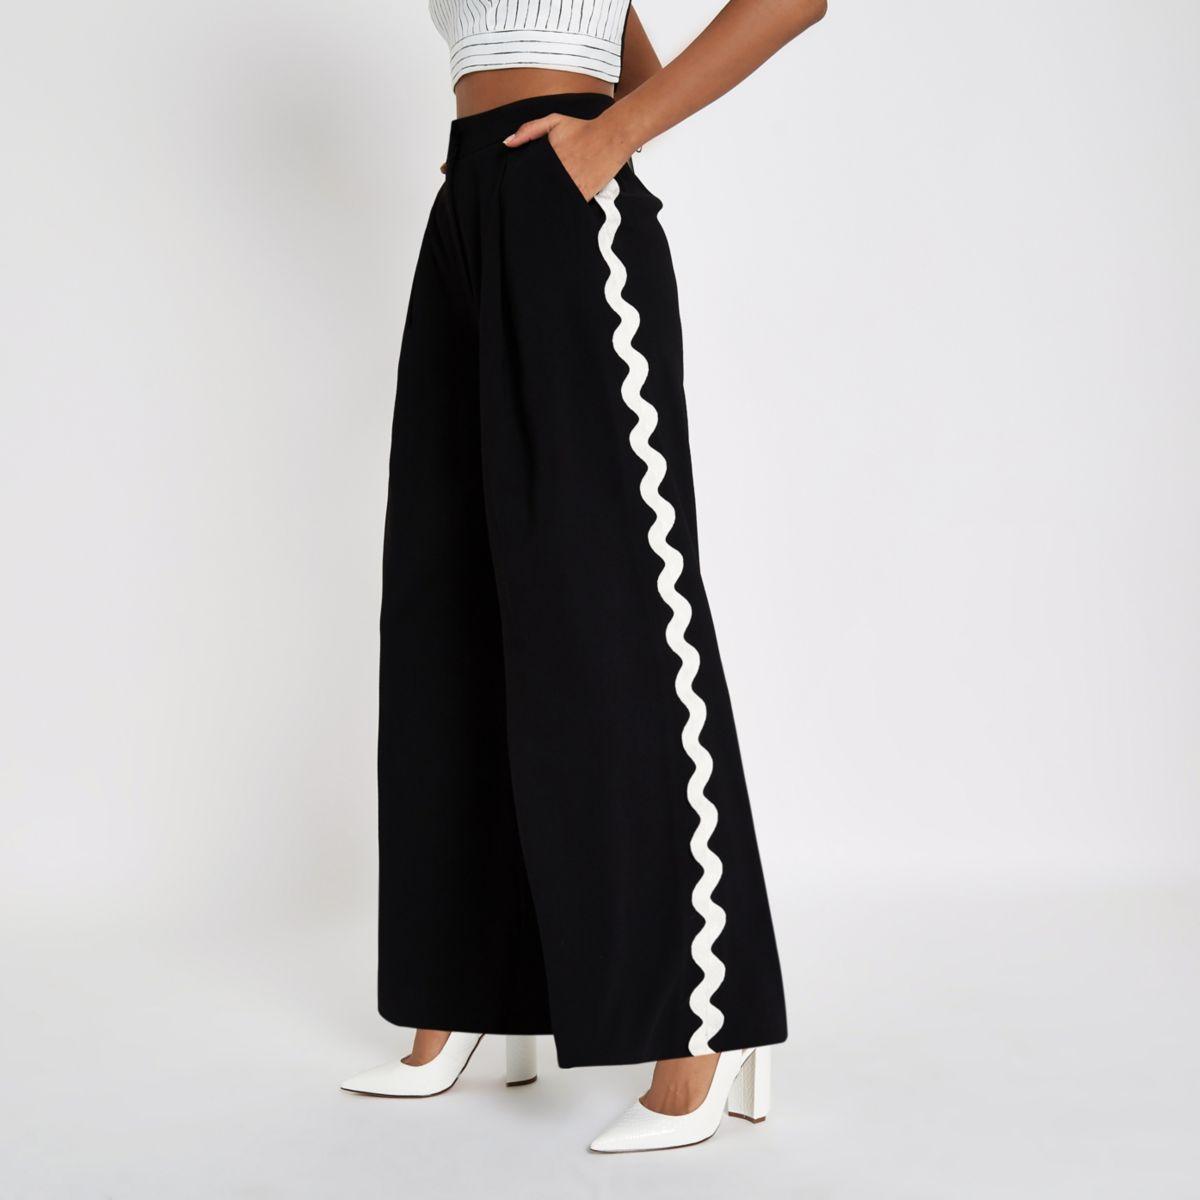 Zwarte broek met wijde pijpen en versiering opzij